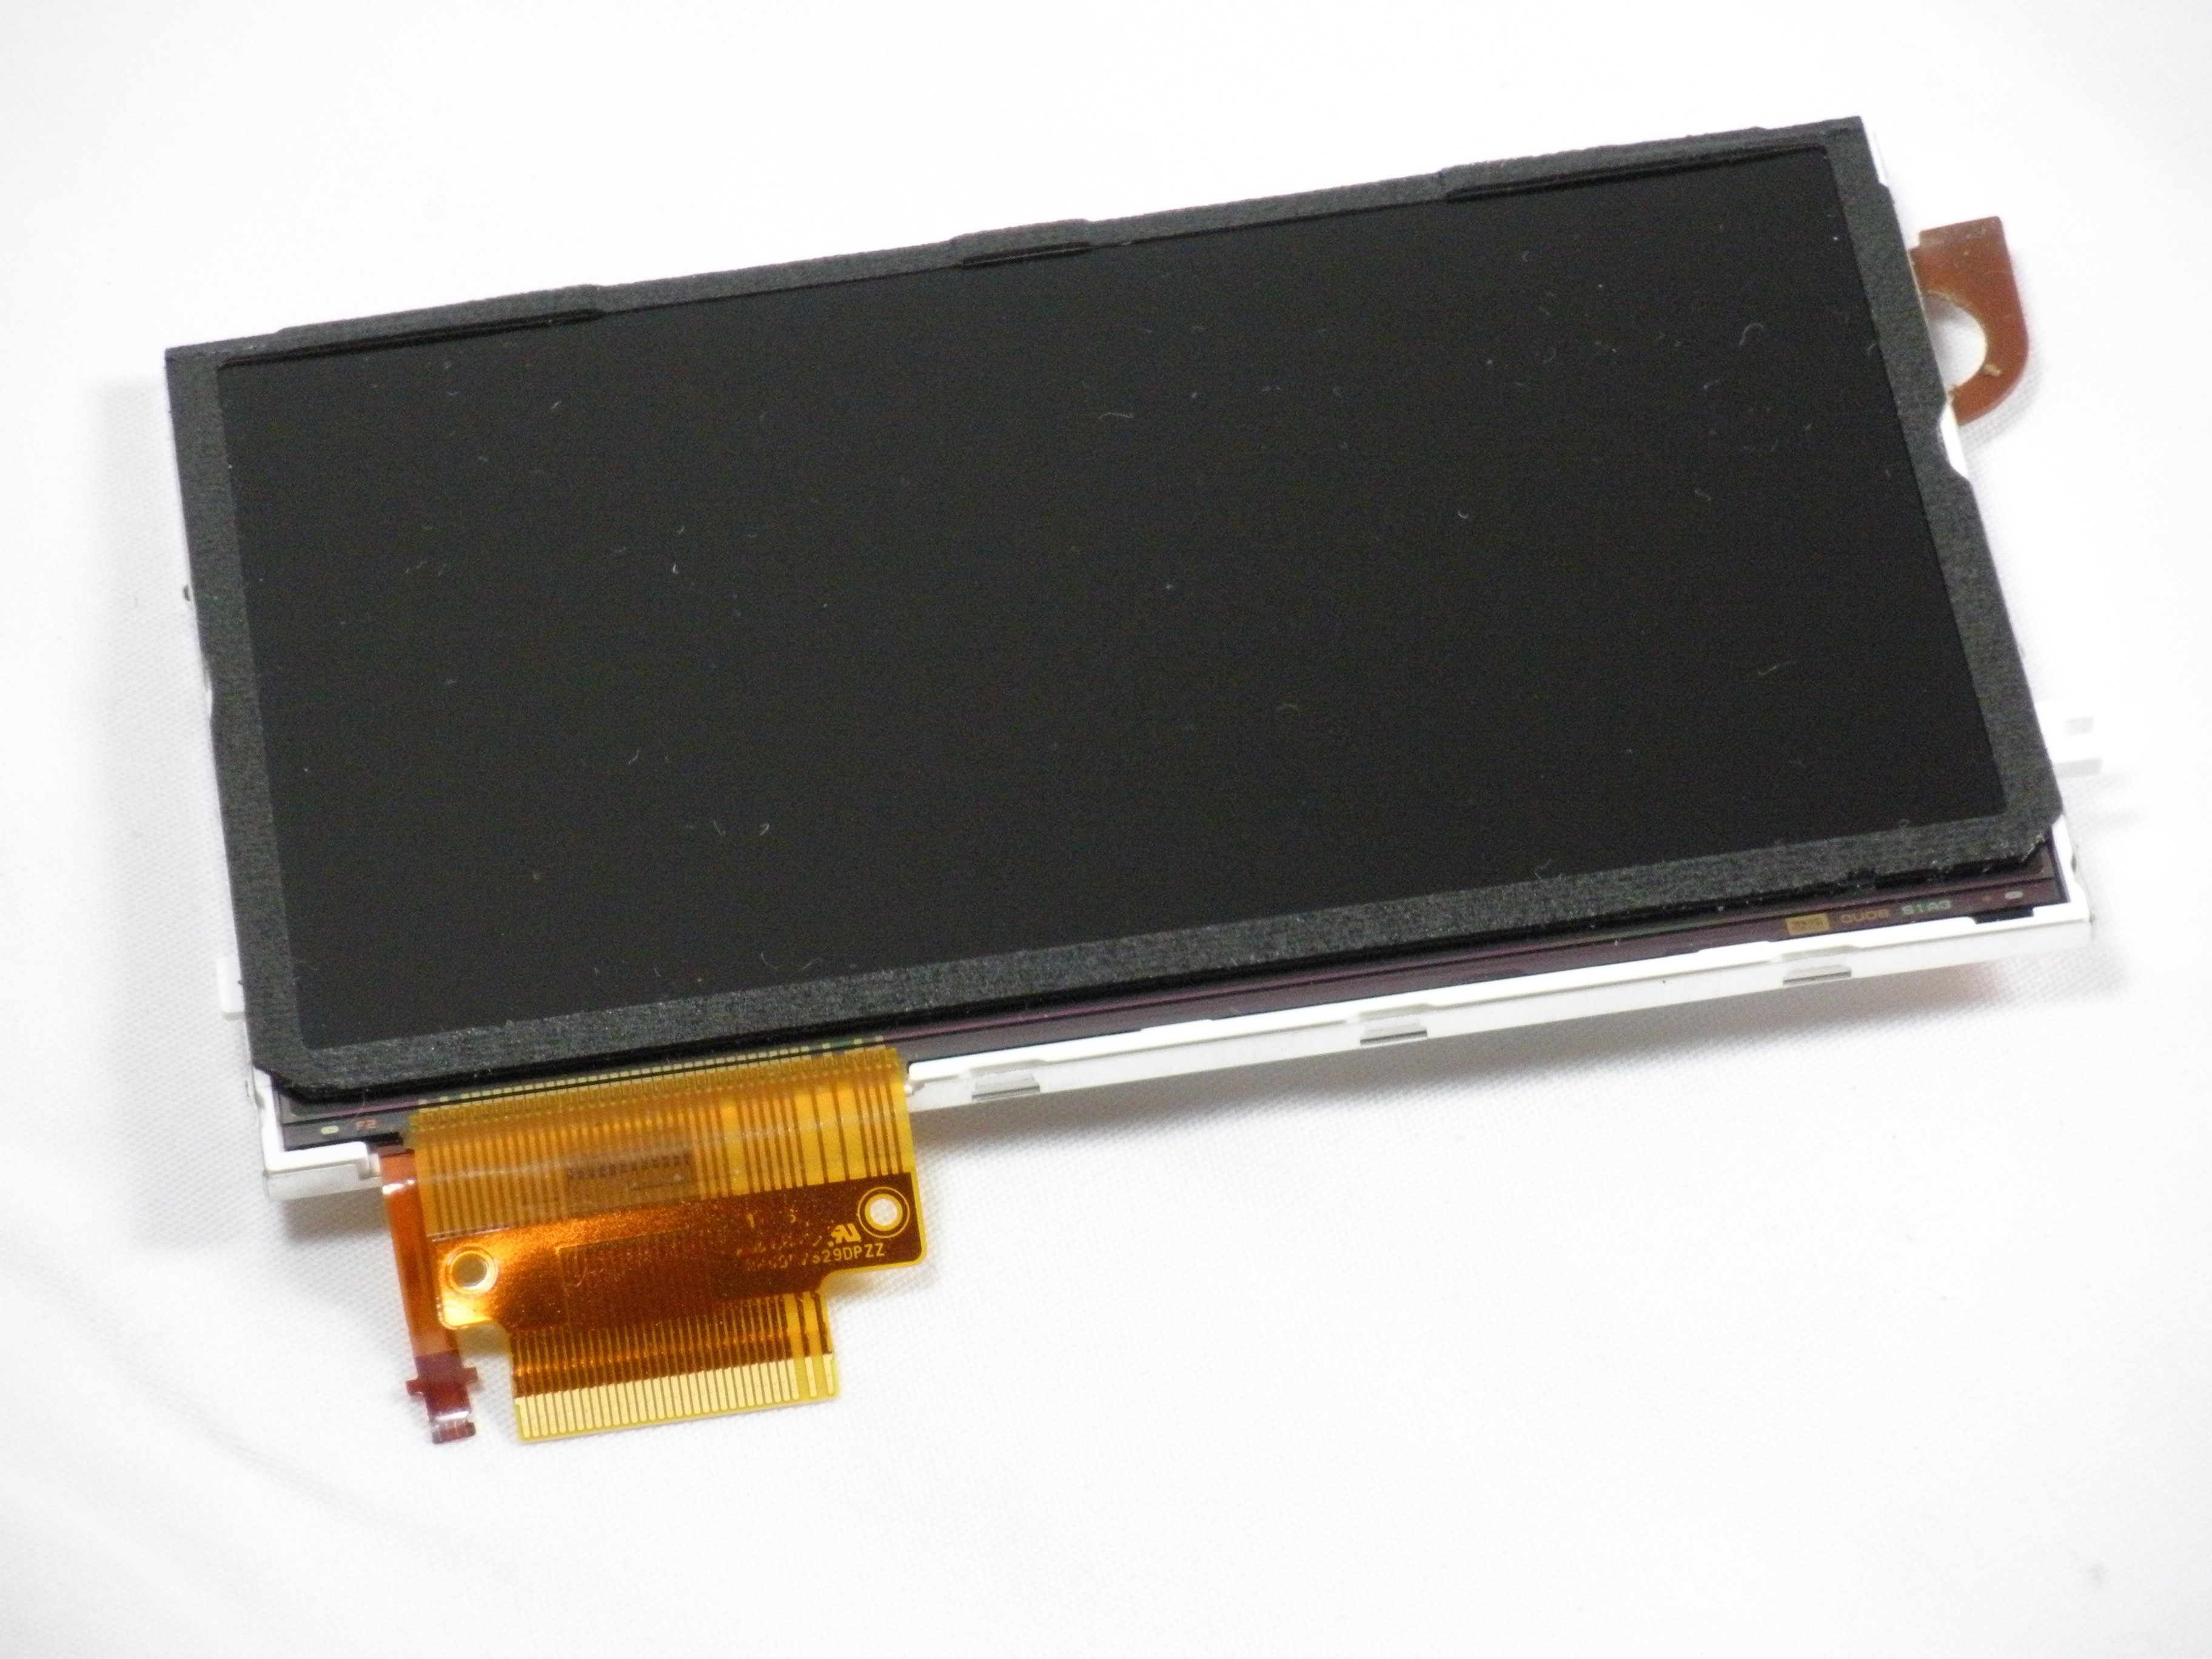 PSP 2000 Display Replacement - iFixit Repair Guide